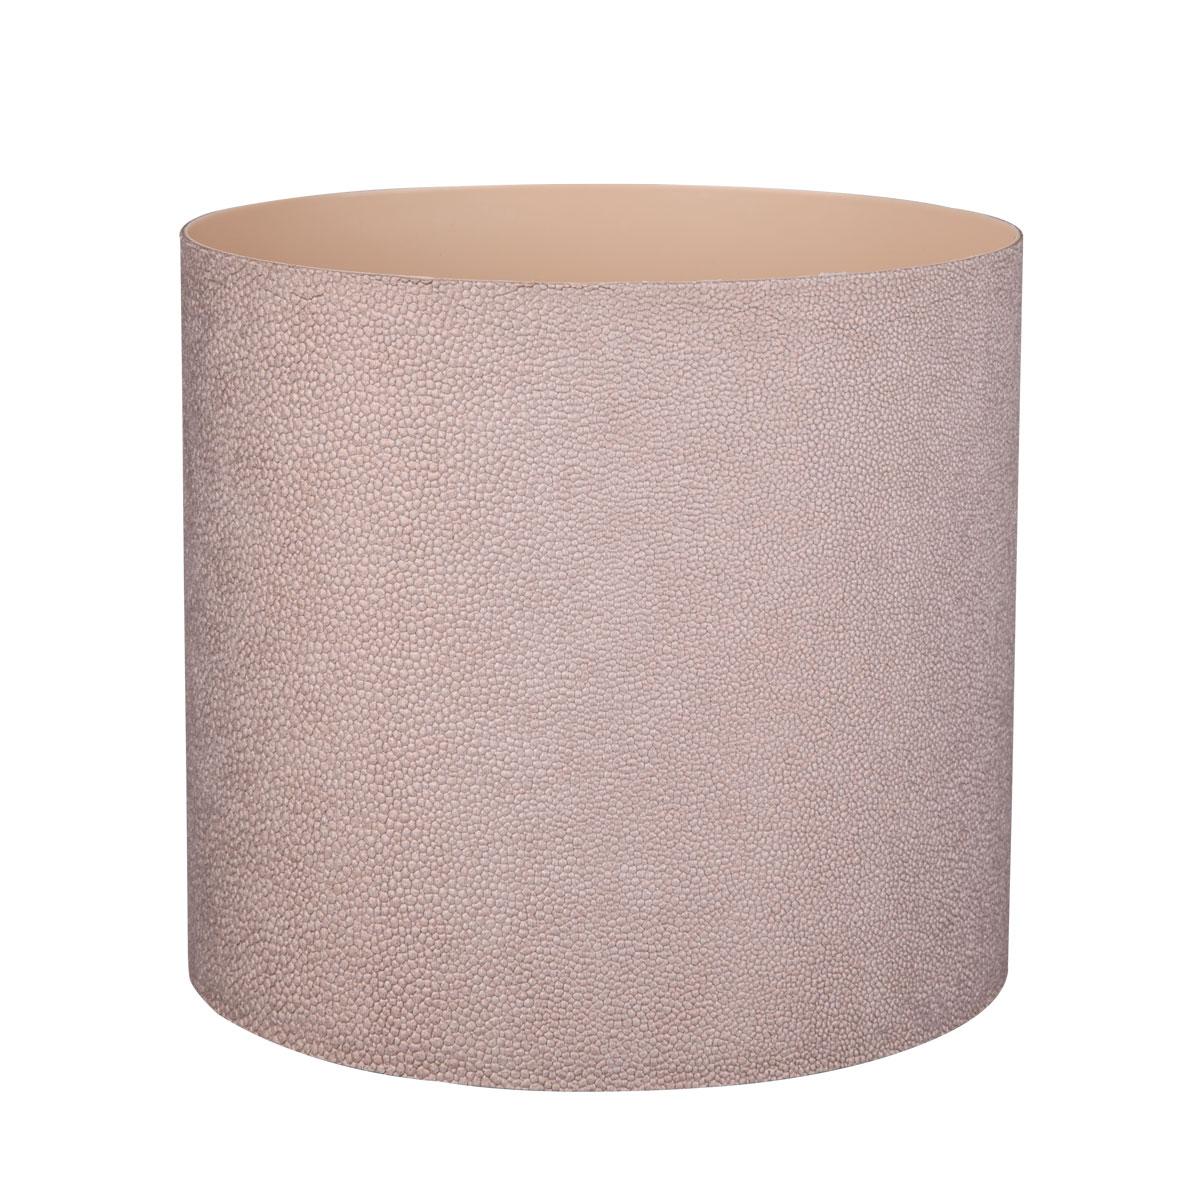 Горшок для цветов Miolla Пузырьки, со скрытым поддоном, 1 лSMG-75Горшок для цветов Miolla Пузырьки со скрытым поддоном выполнен из пластика. Диаметр горшка: 11,5 см. Высота горшка (с учетом поддона): 11,5 см. Объем горшка: 1 л.